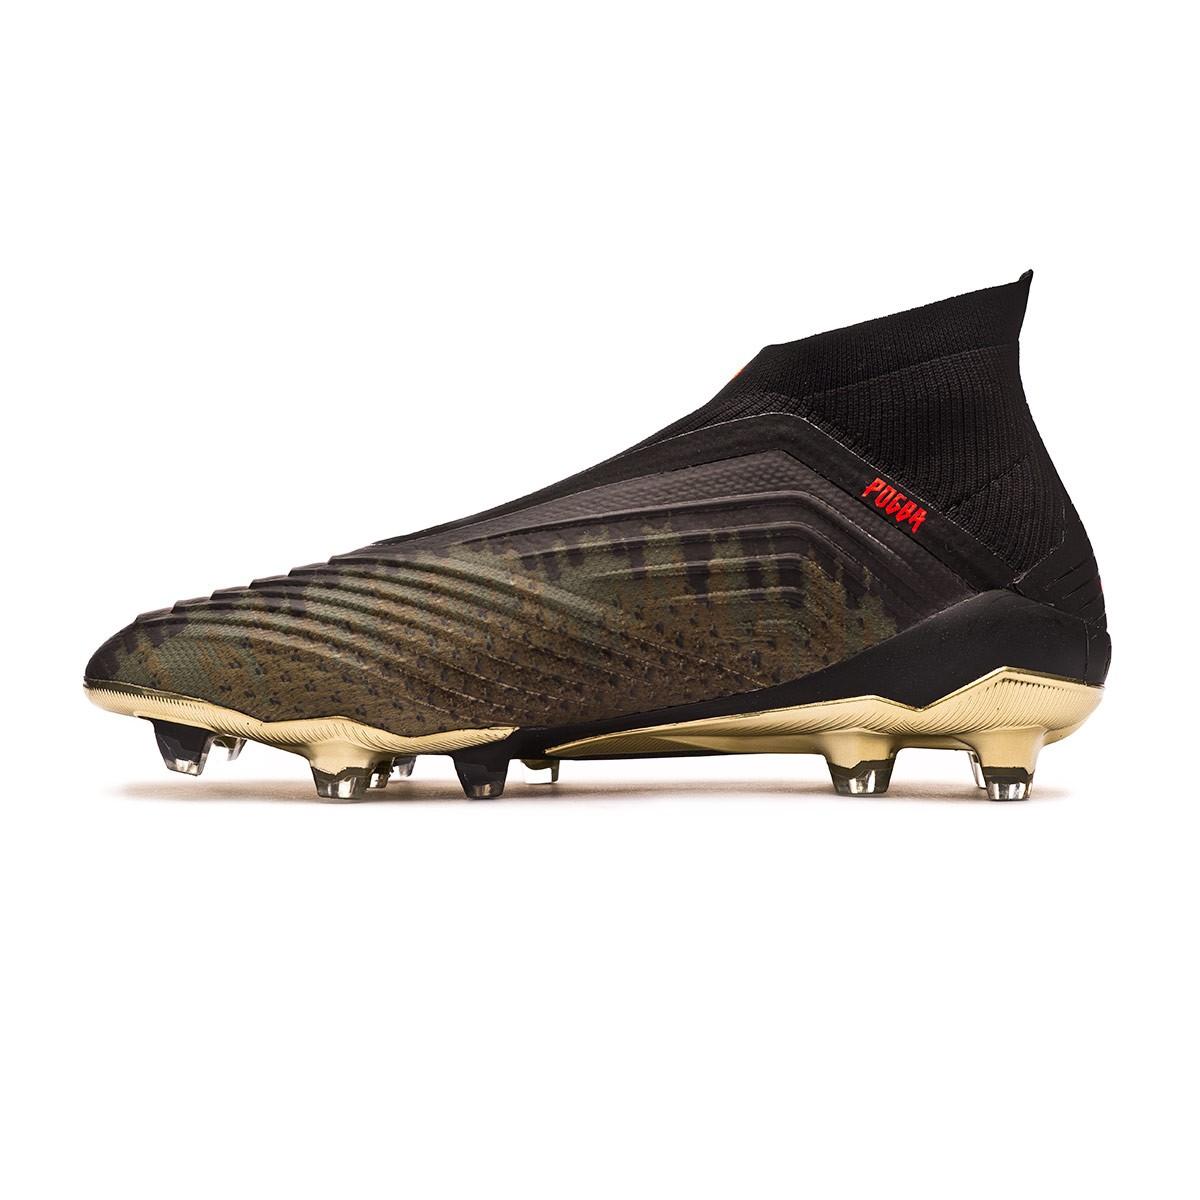 Boot adidas Predator 18+ FG Pogba Black-Olive - Leaked soccer c6809705d81fe